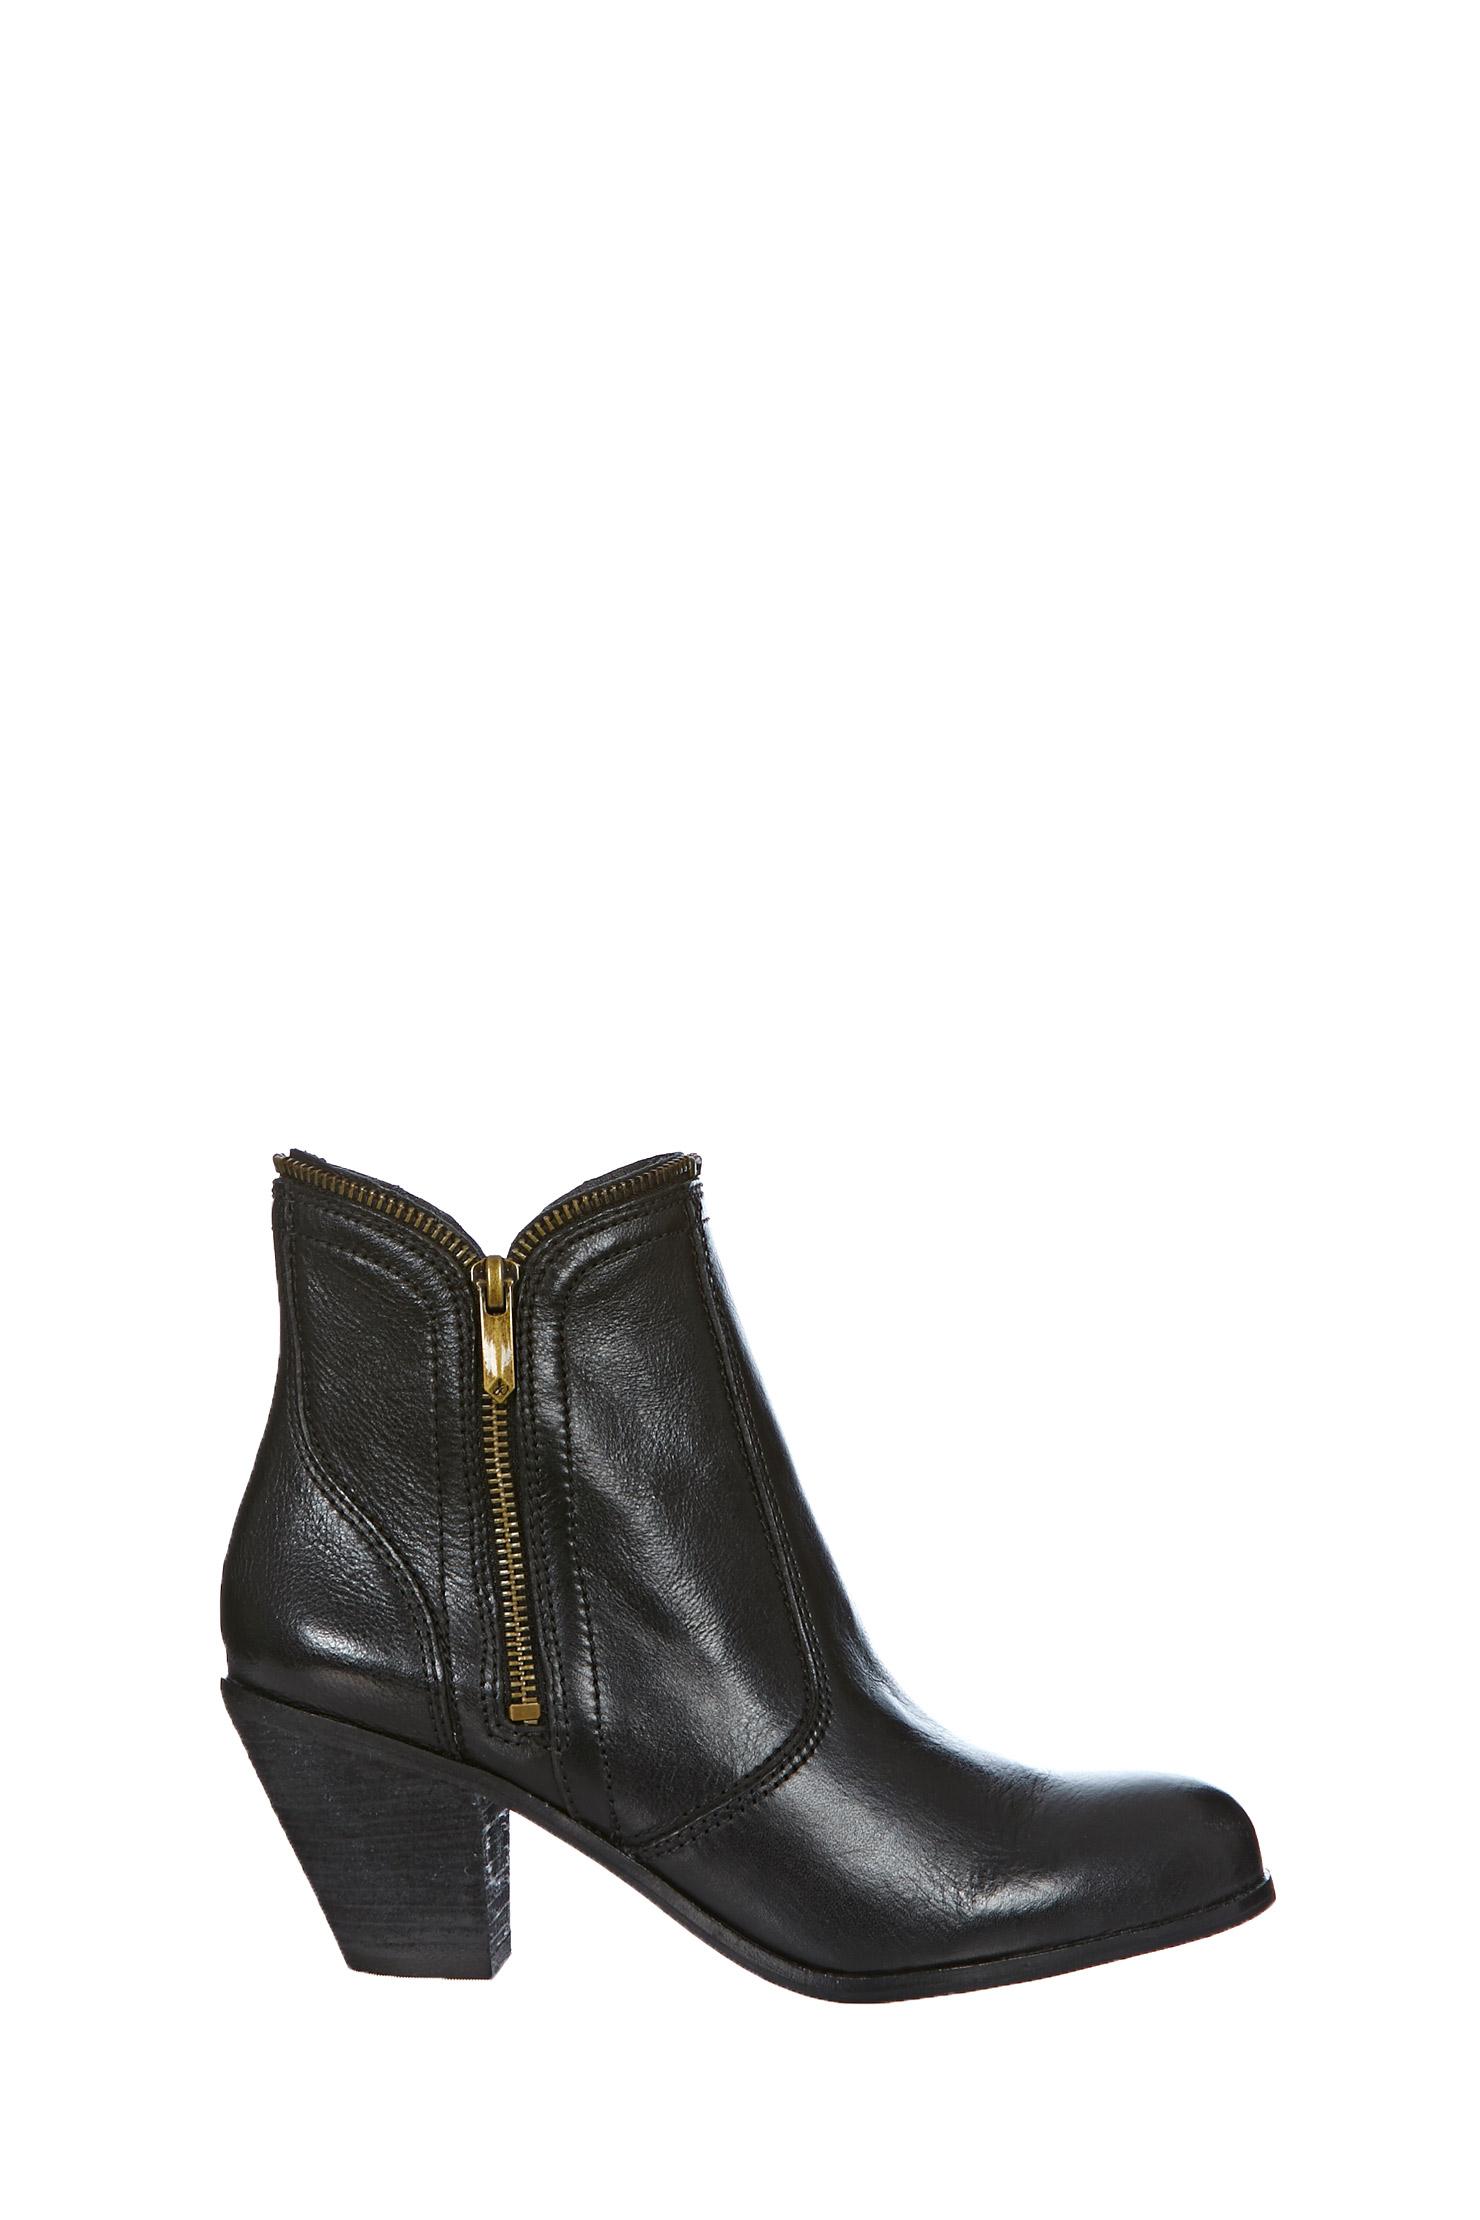 sam edelman boots c9095l1001 linden in black lyst